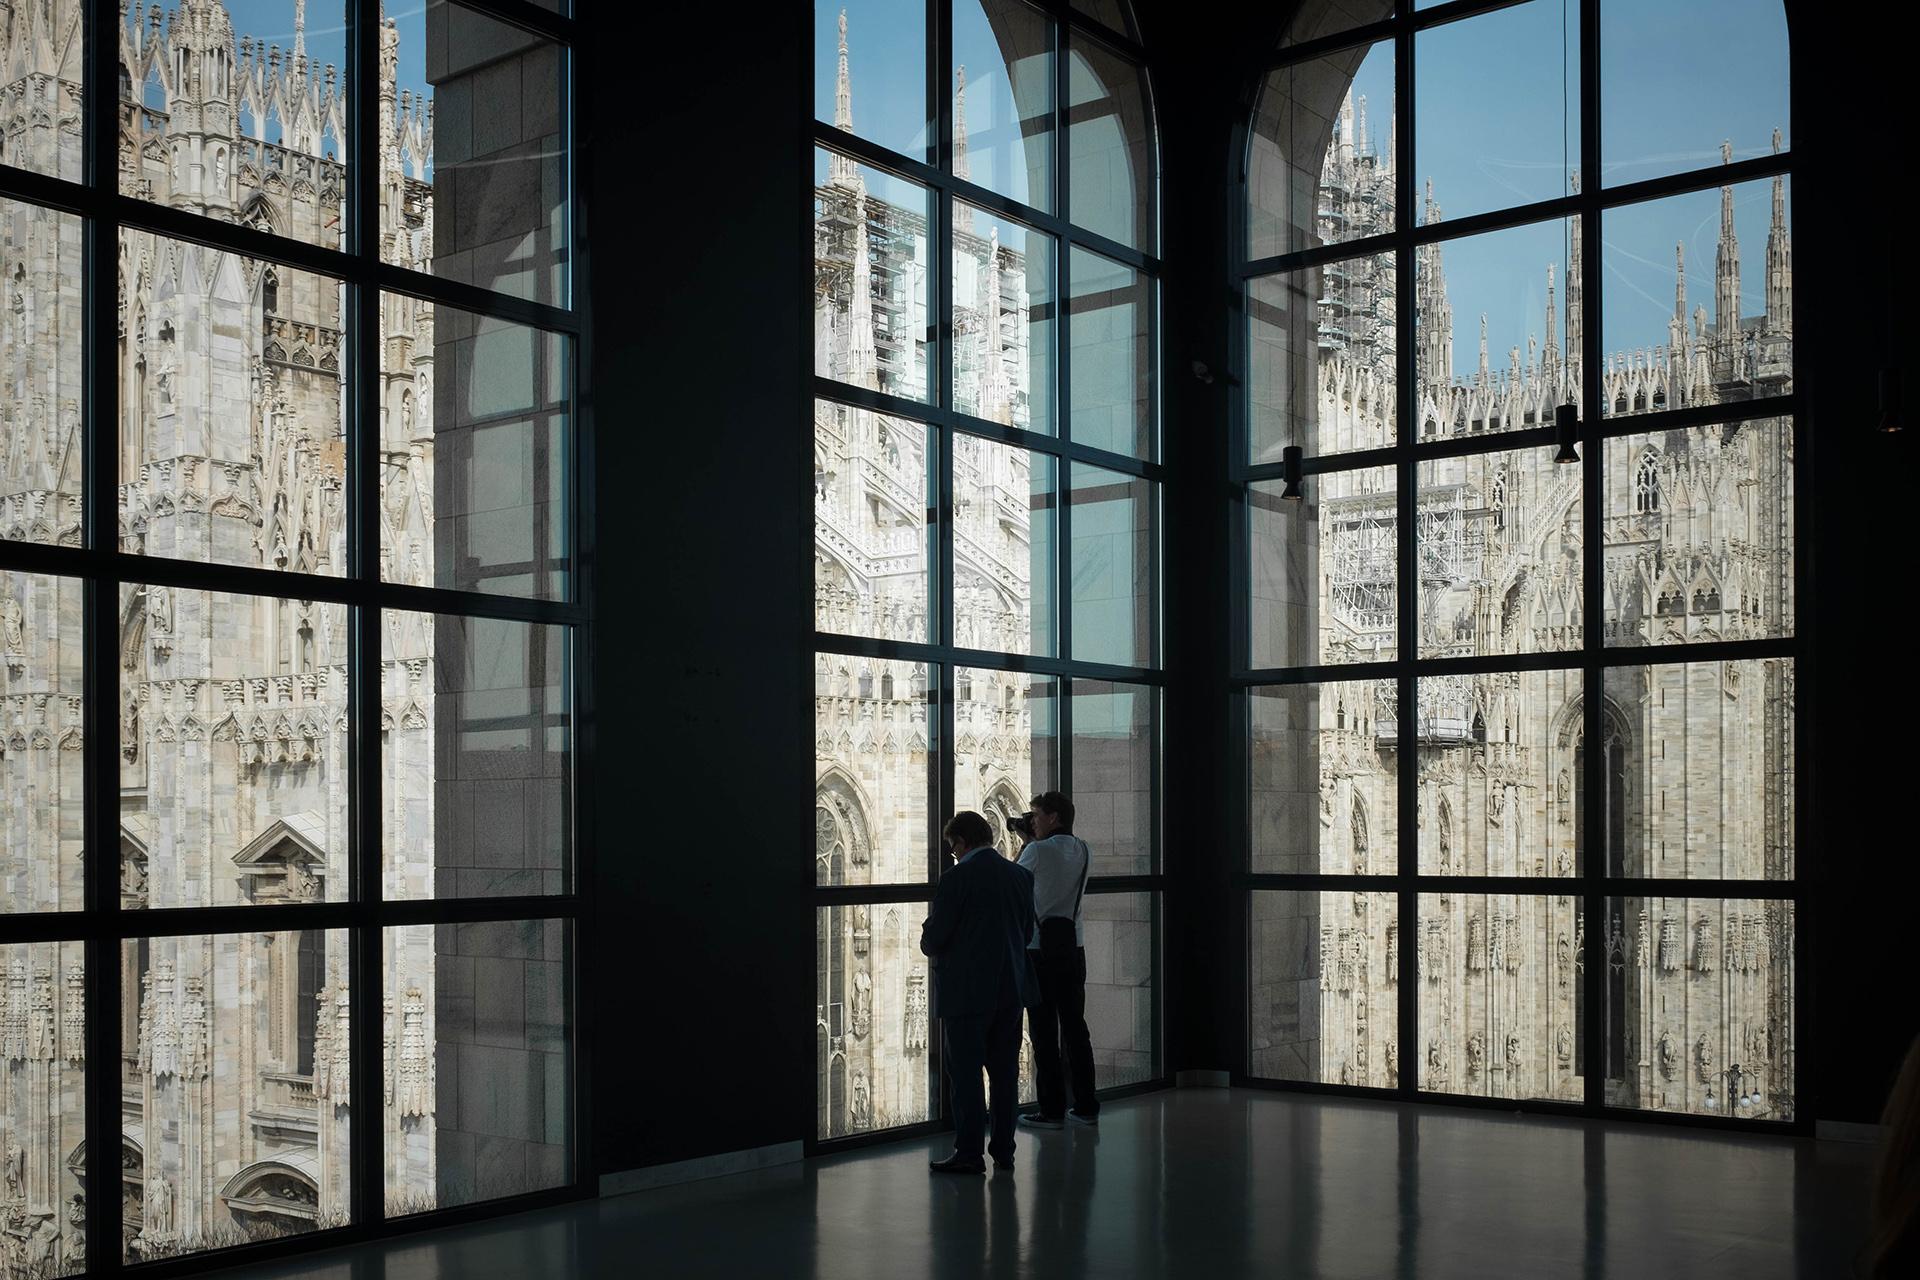 milan museo del novocento